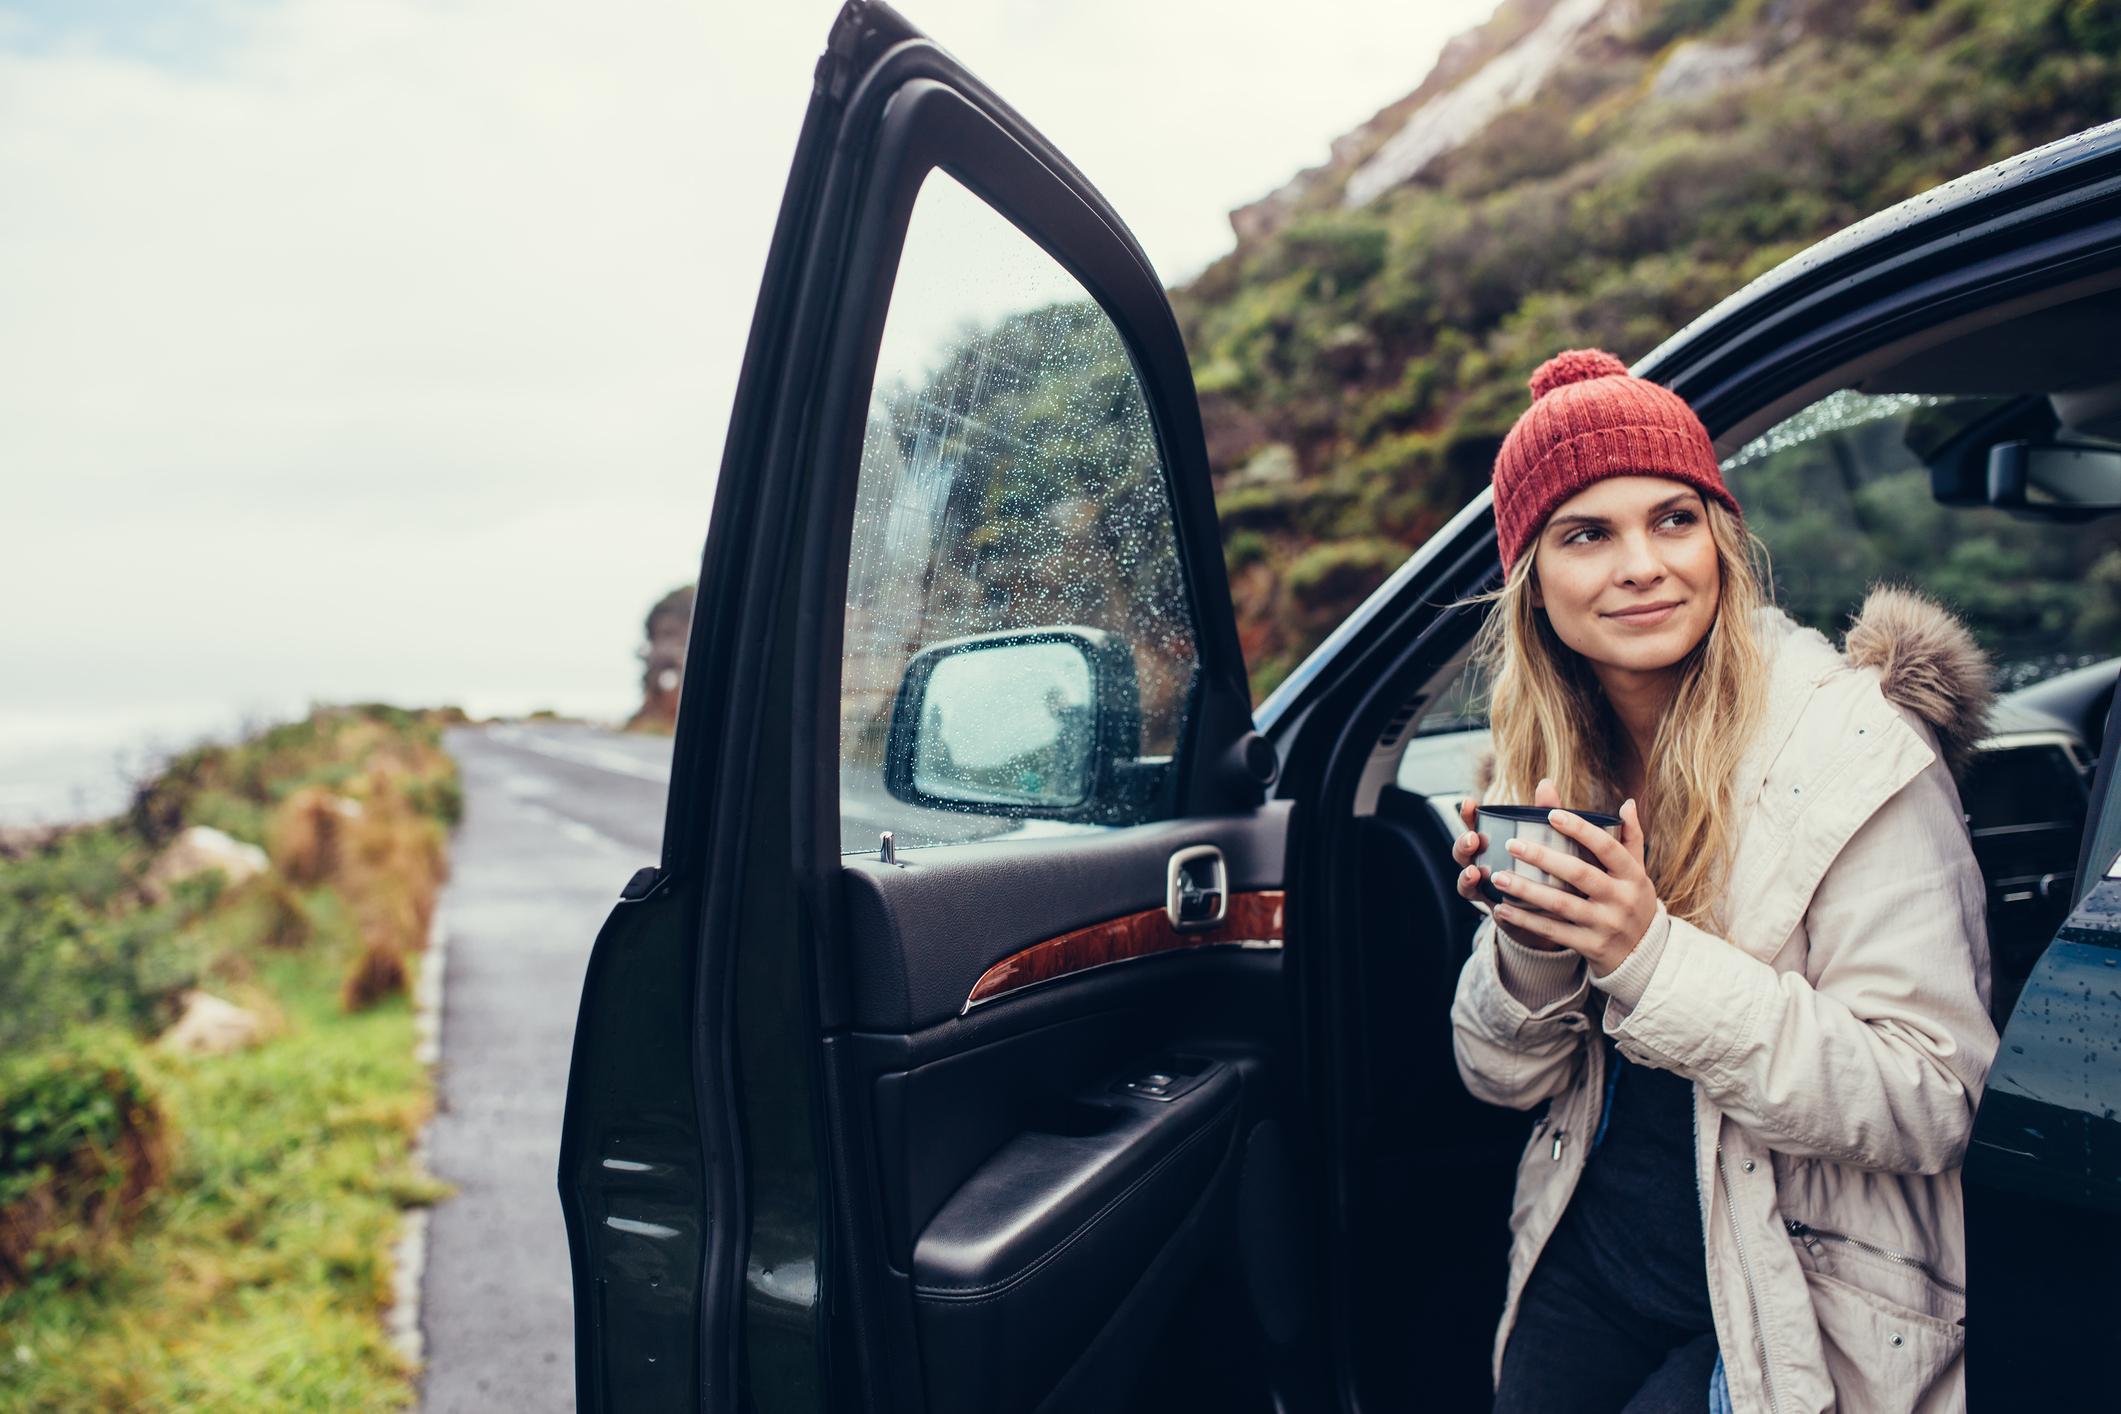 Descida abrupta de temperaturas? Conheça os cuidados extras a ter com o seu carro